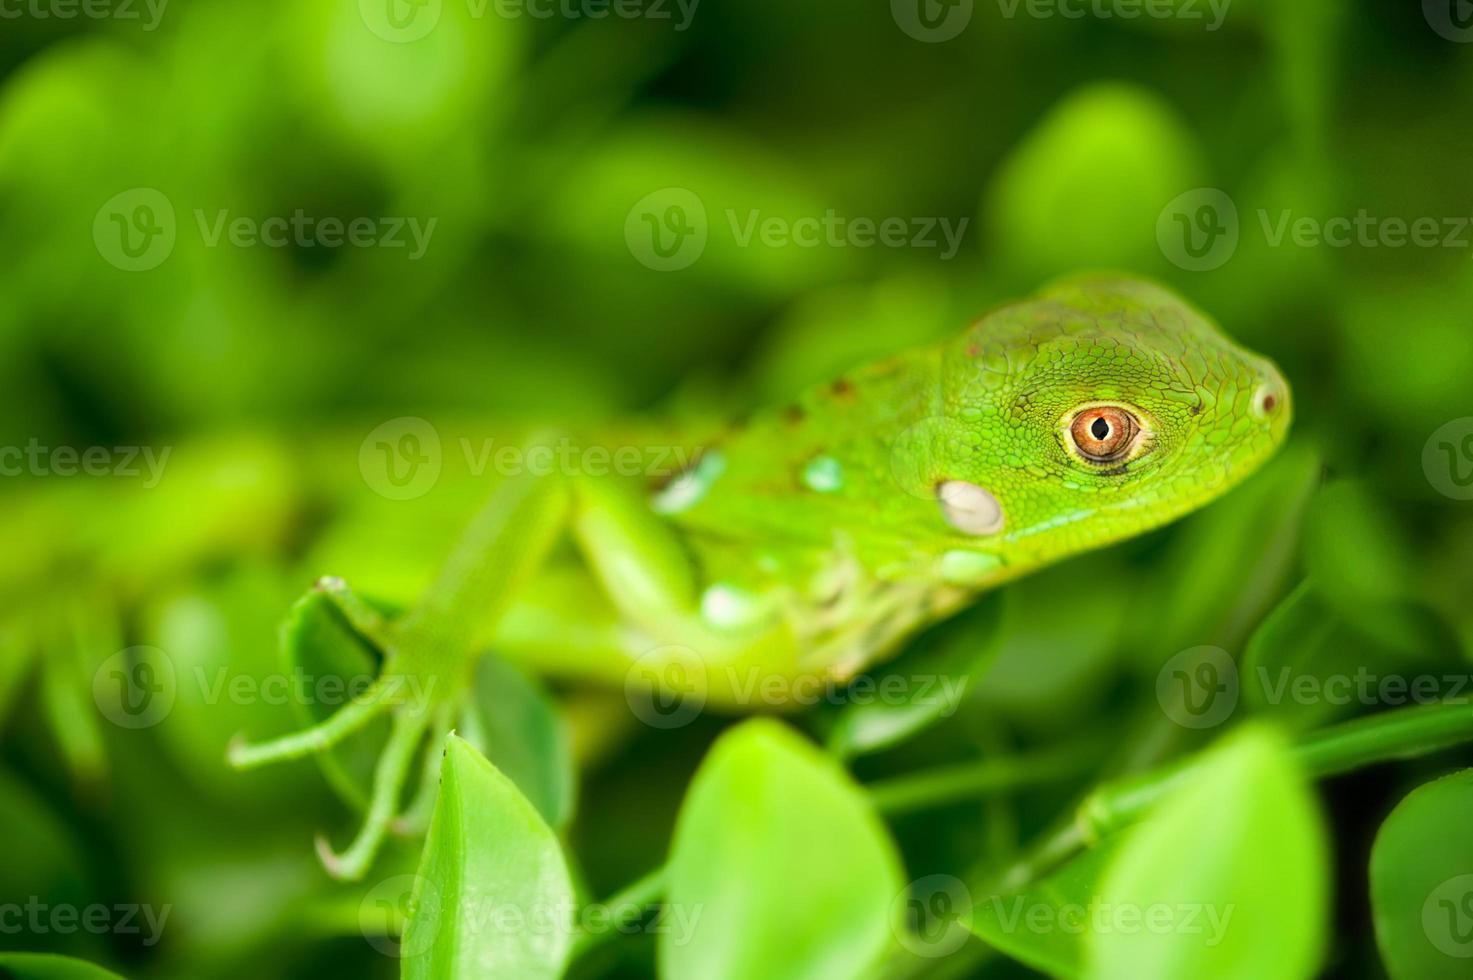 tiro na cabeça de uma iguana bebê verde foto